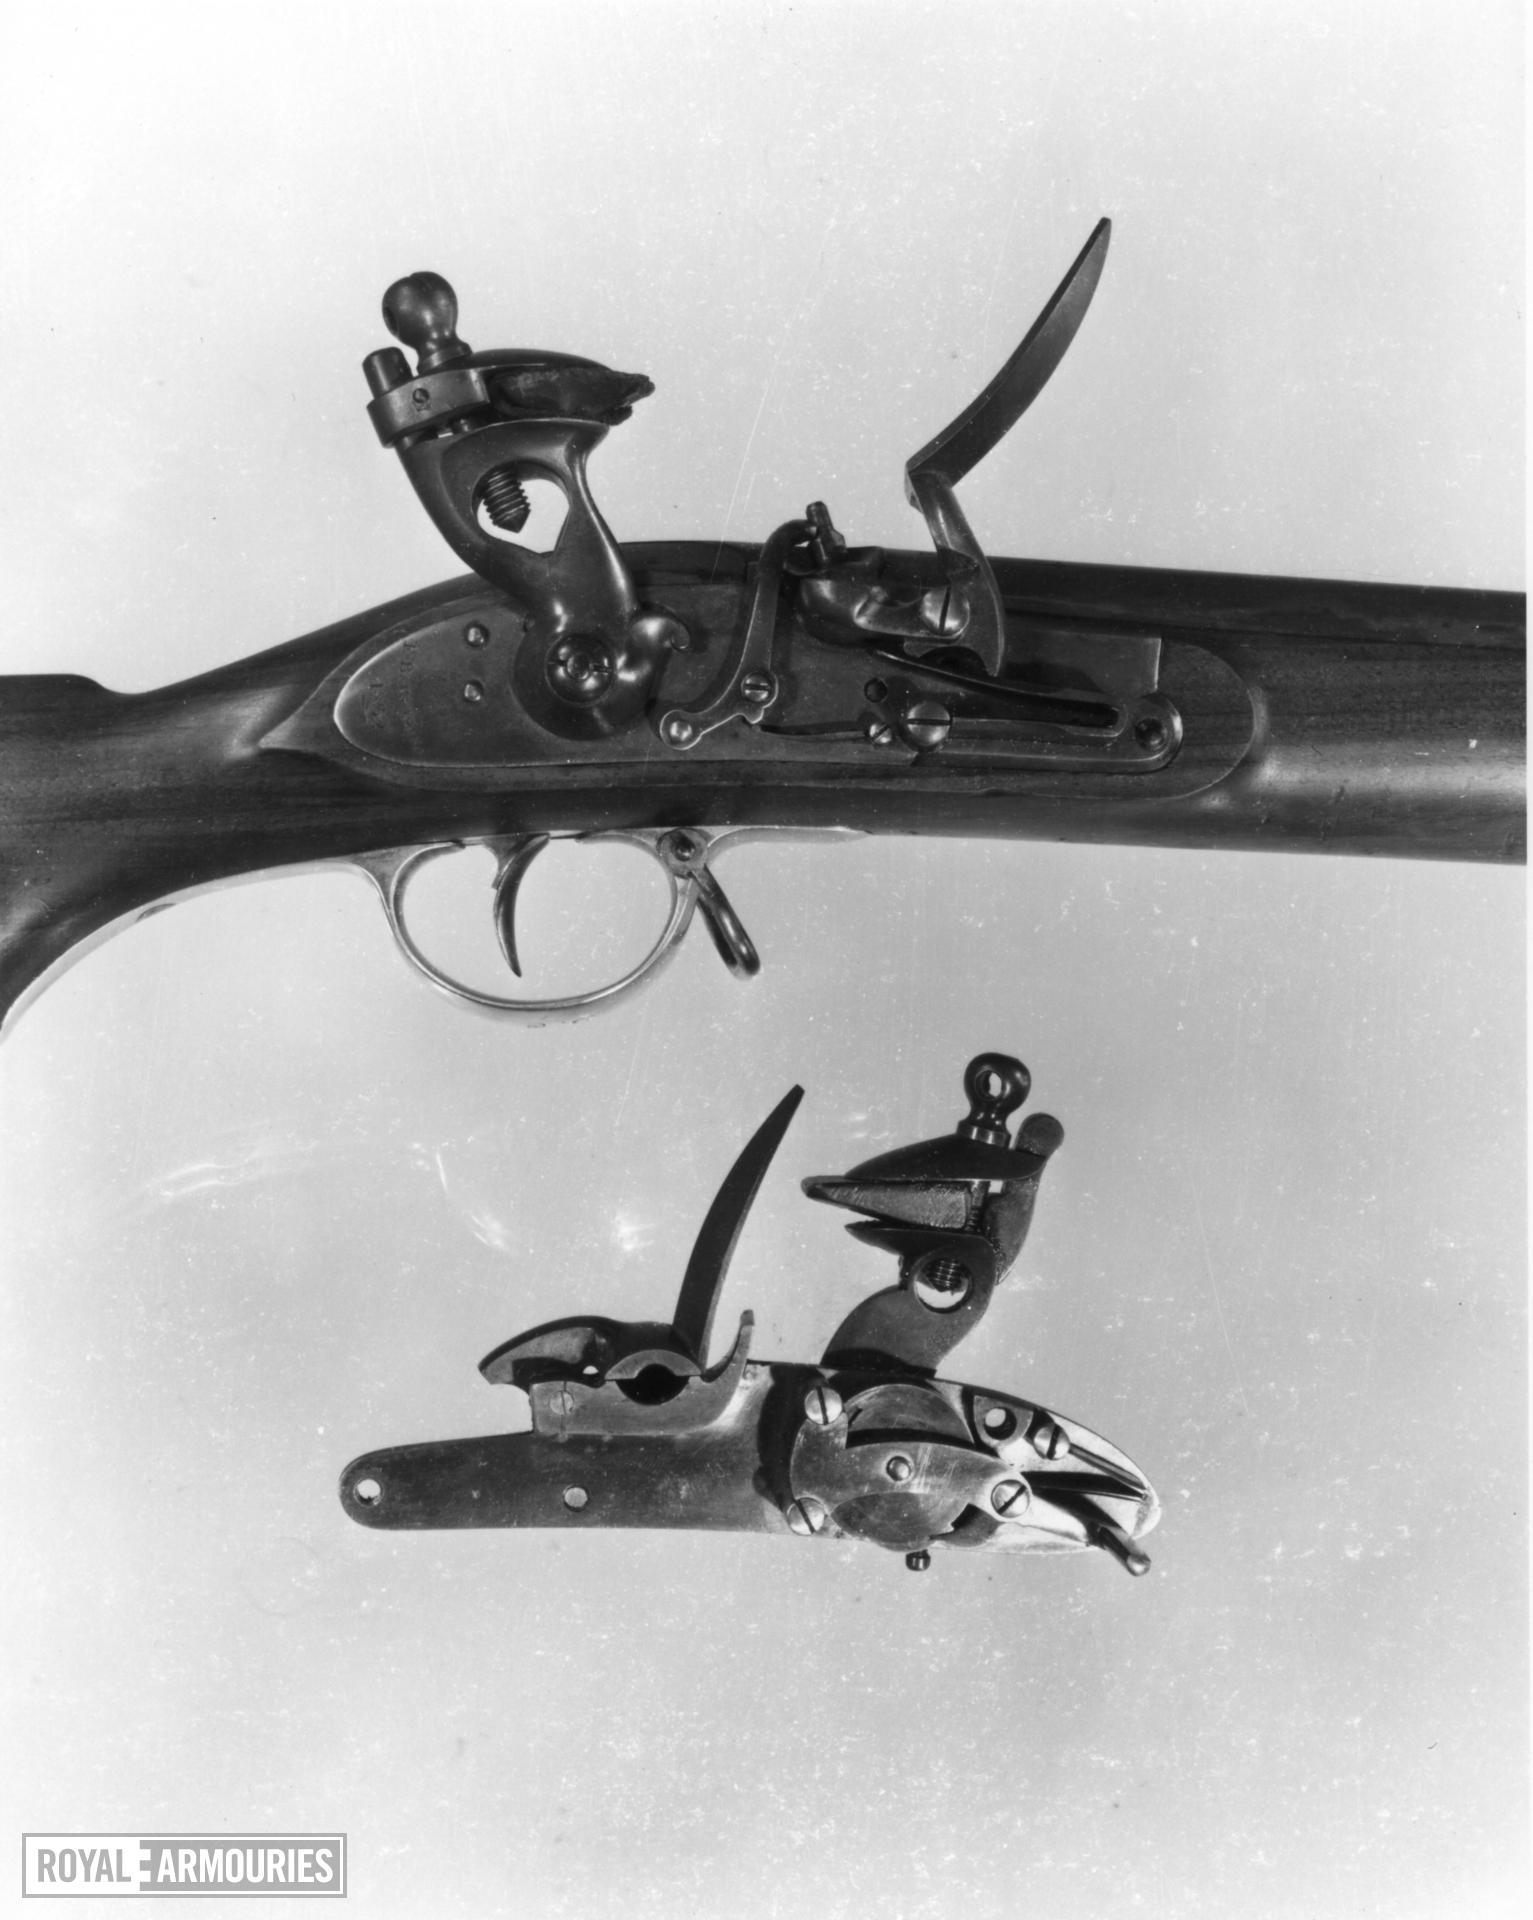 Flintlock muzzle-loading military musket - Baker Pattern